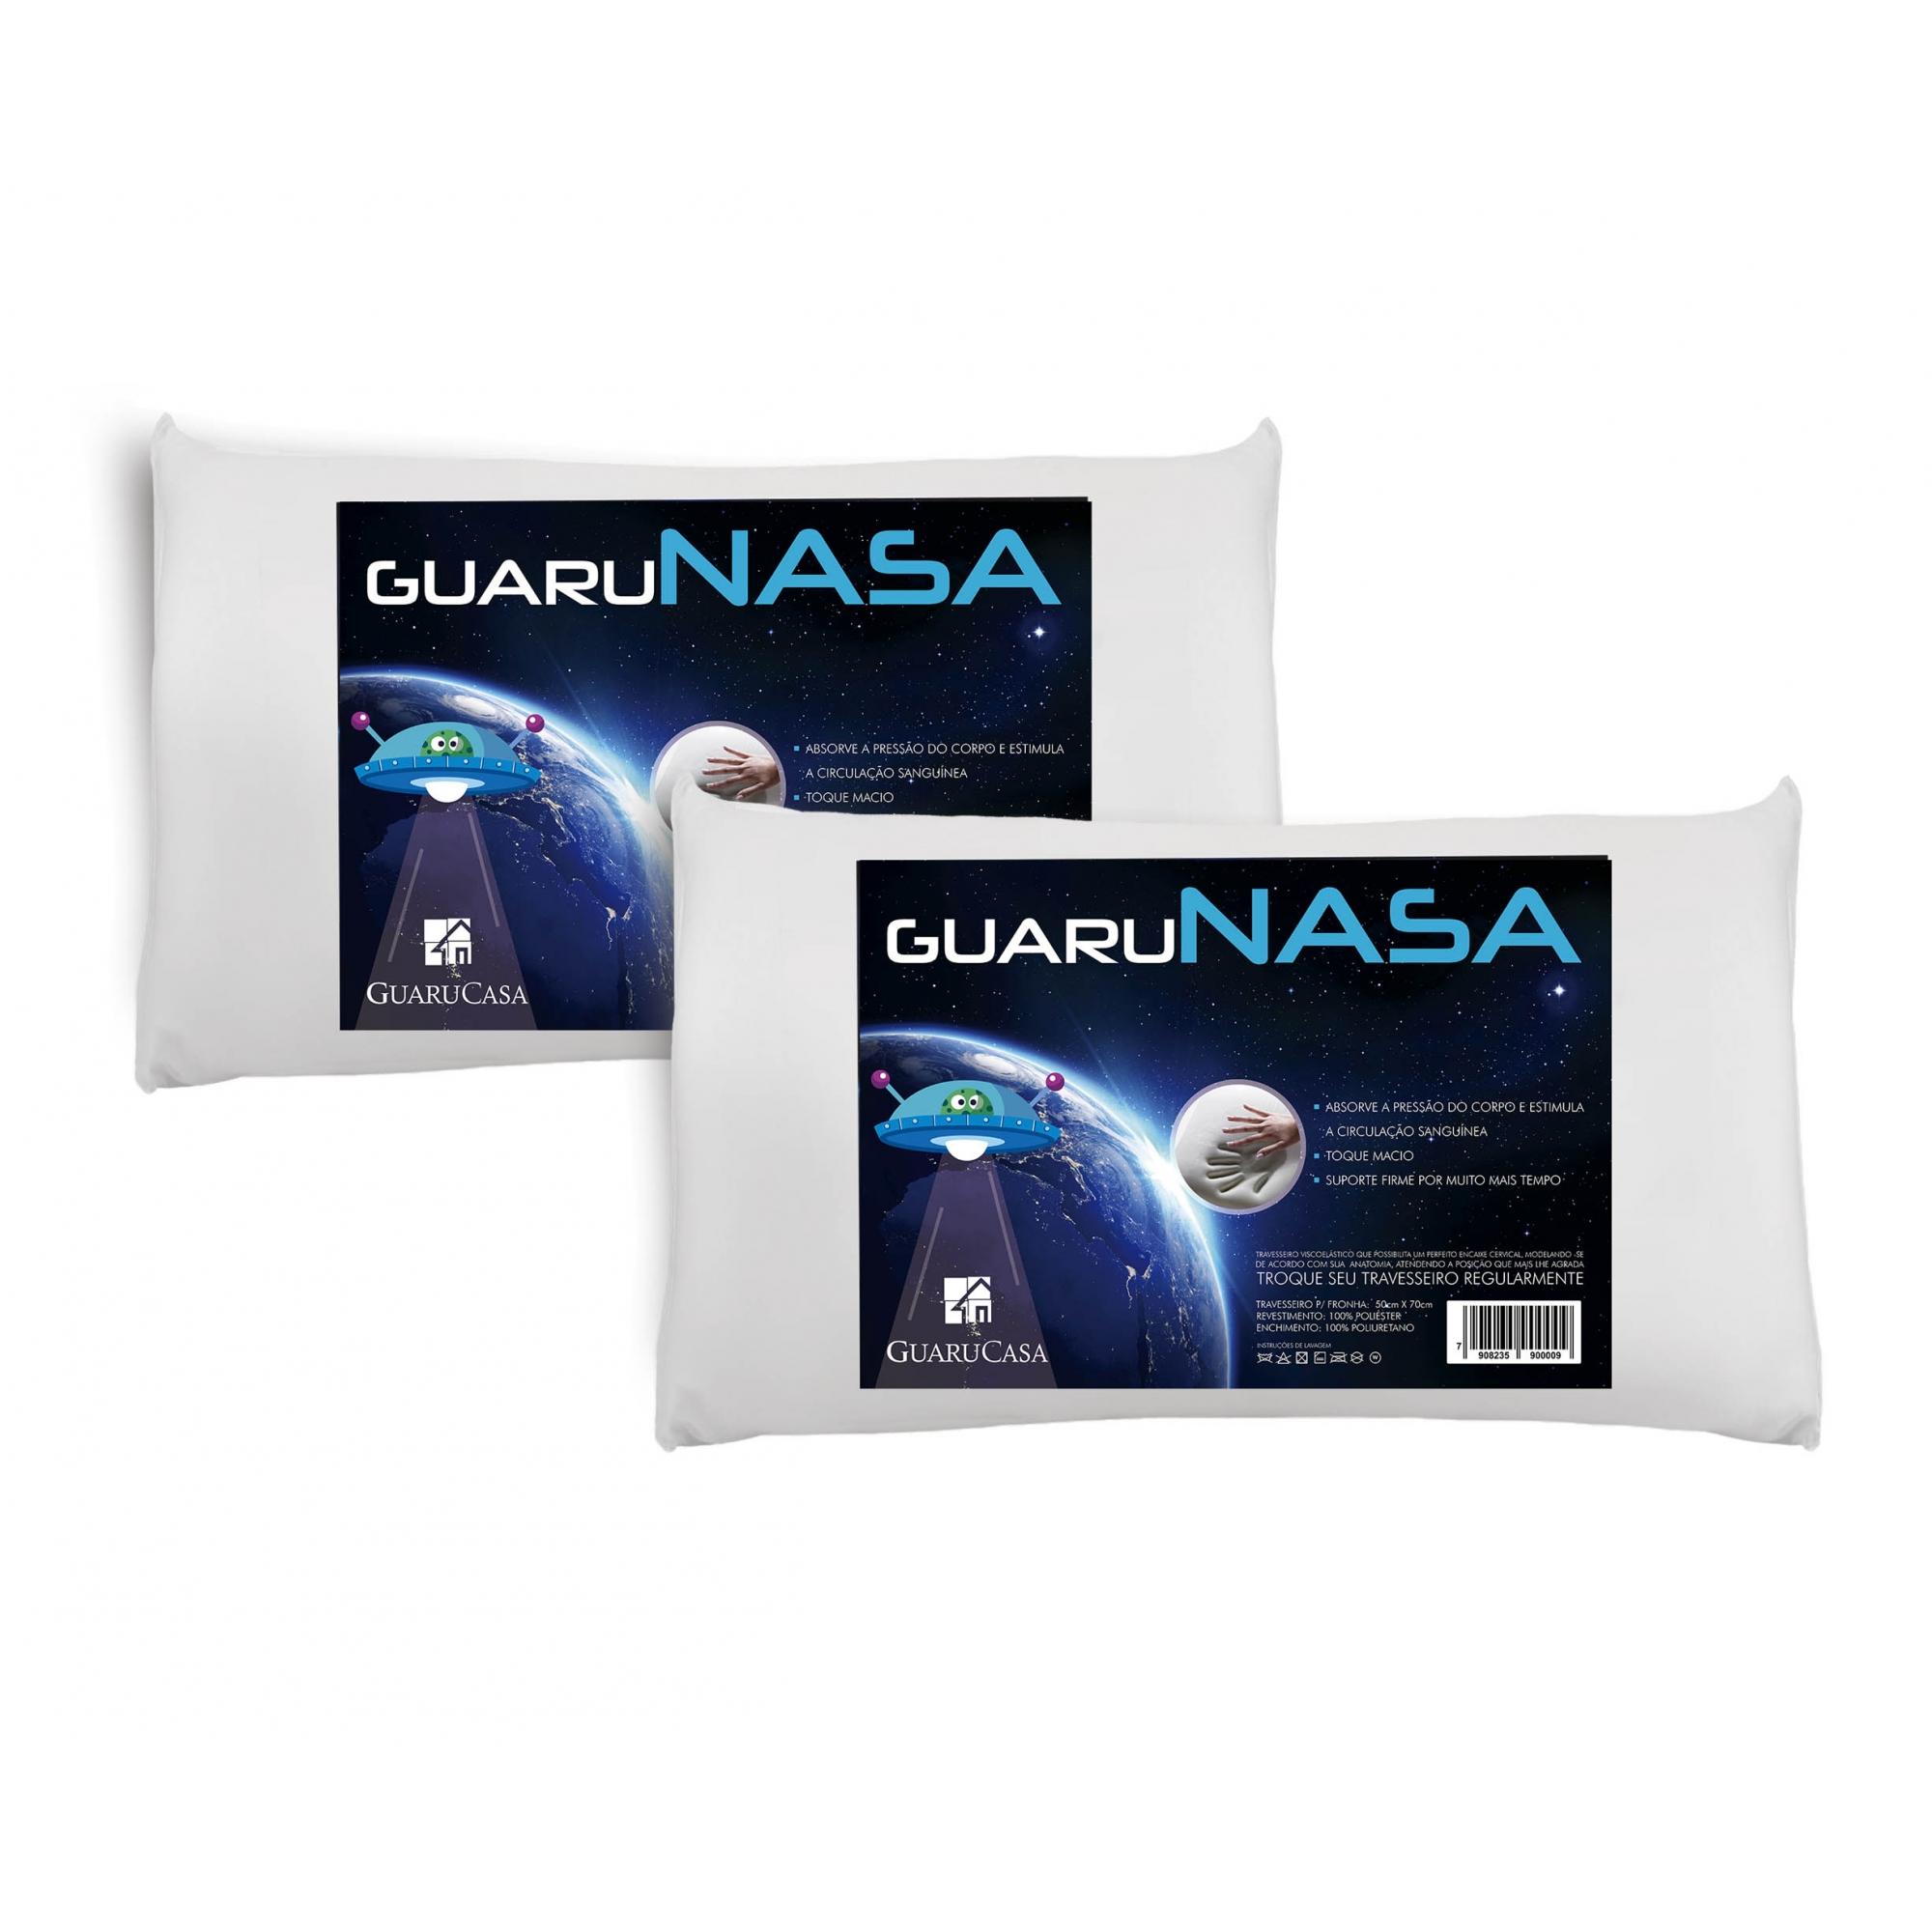 Kit 2 Travesseiros Nasa Viscoelástico Guaru Nasa + Protetores Com Ziper